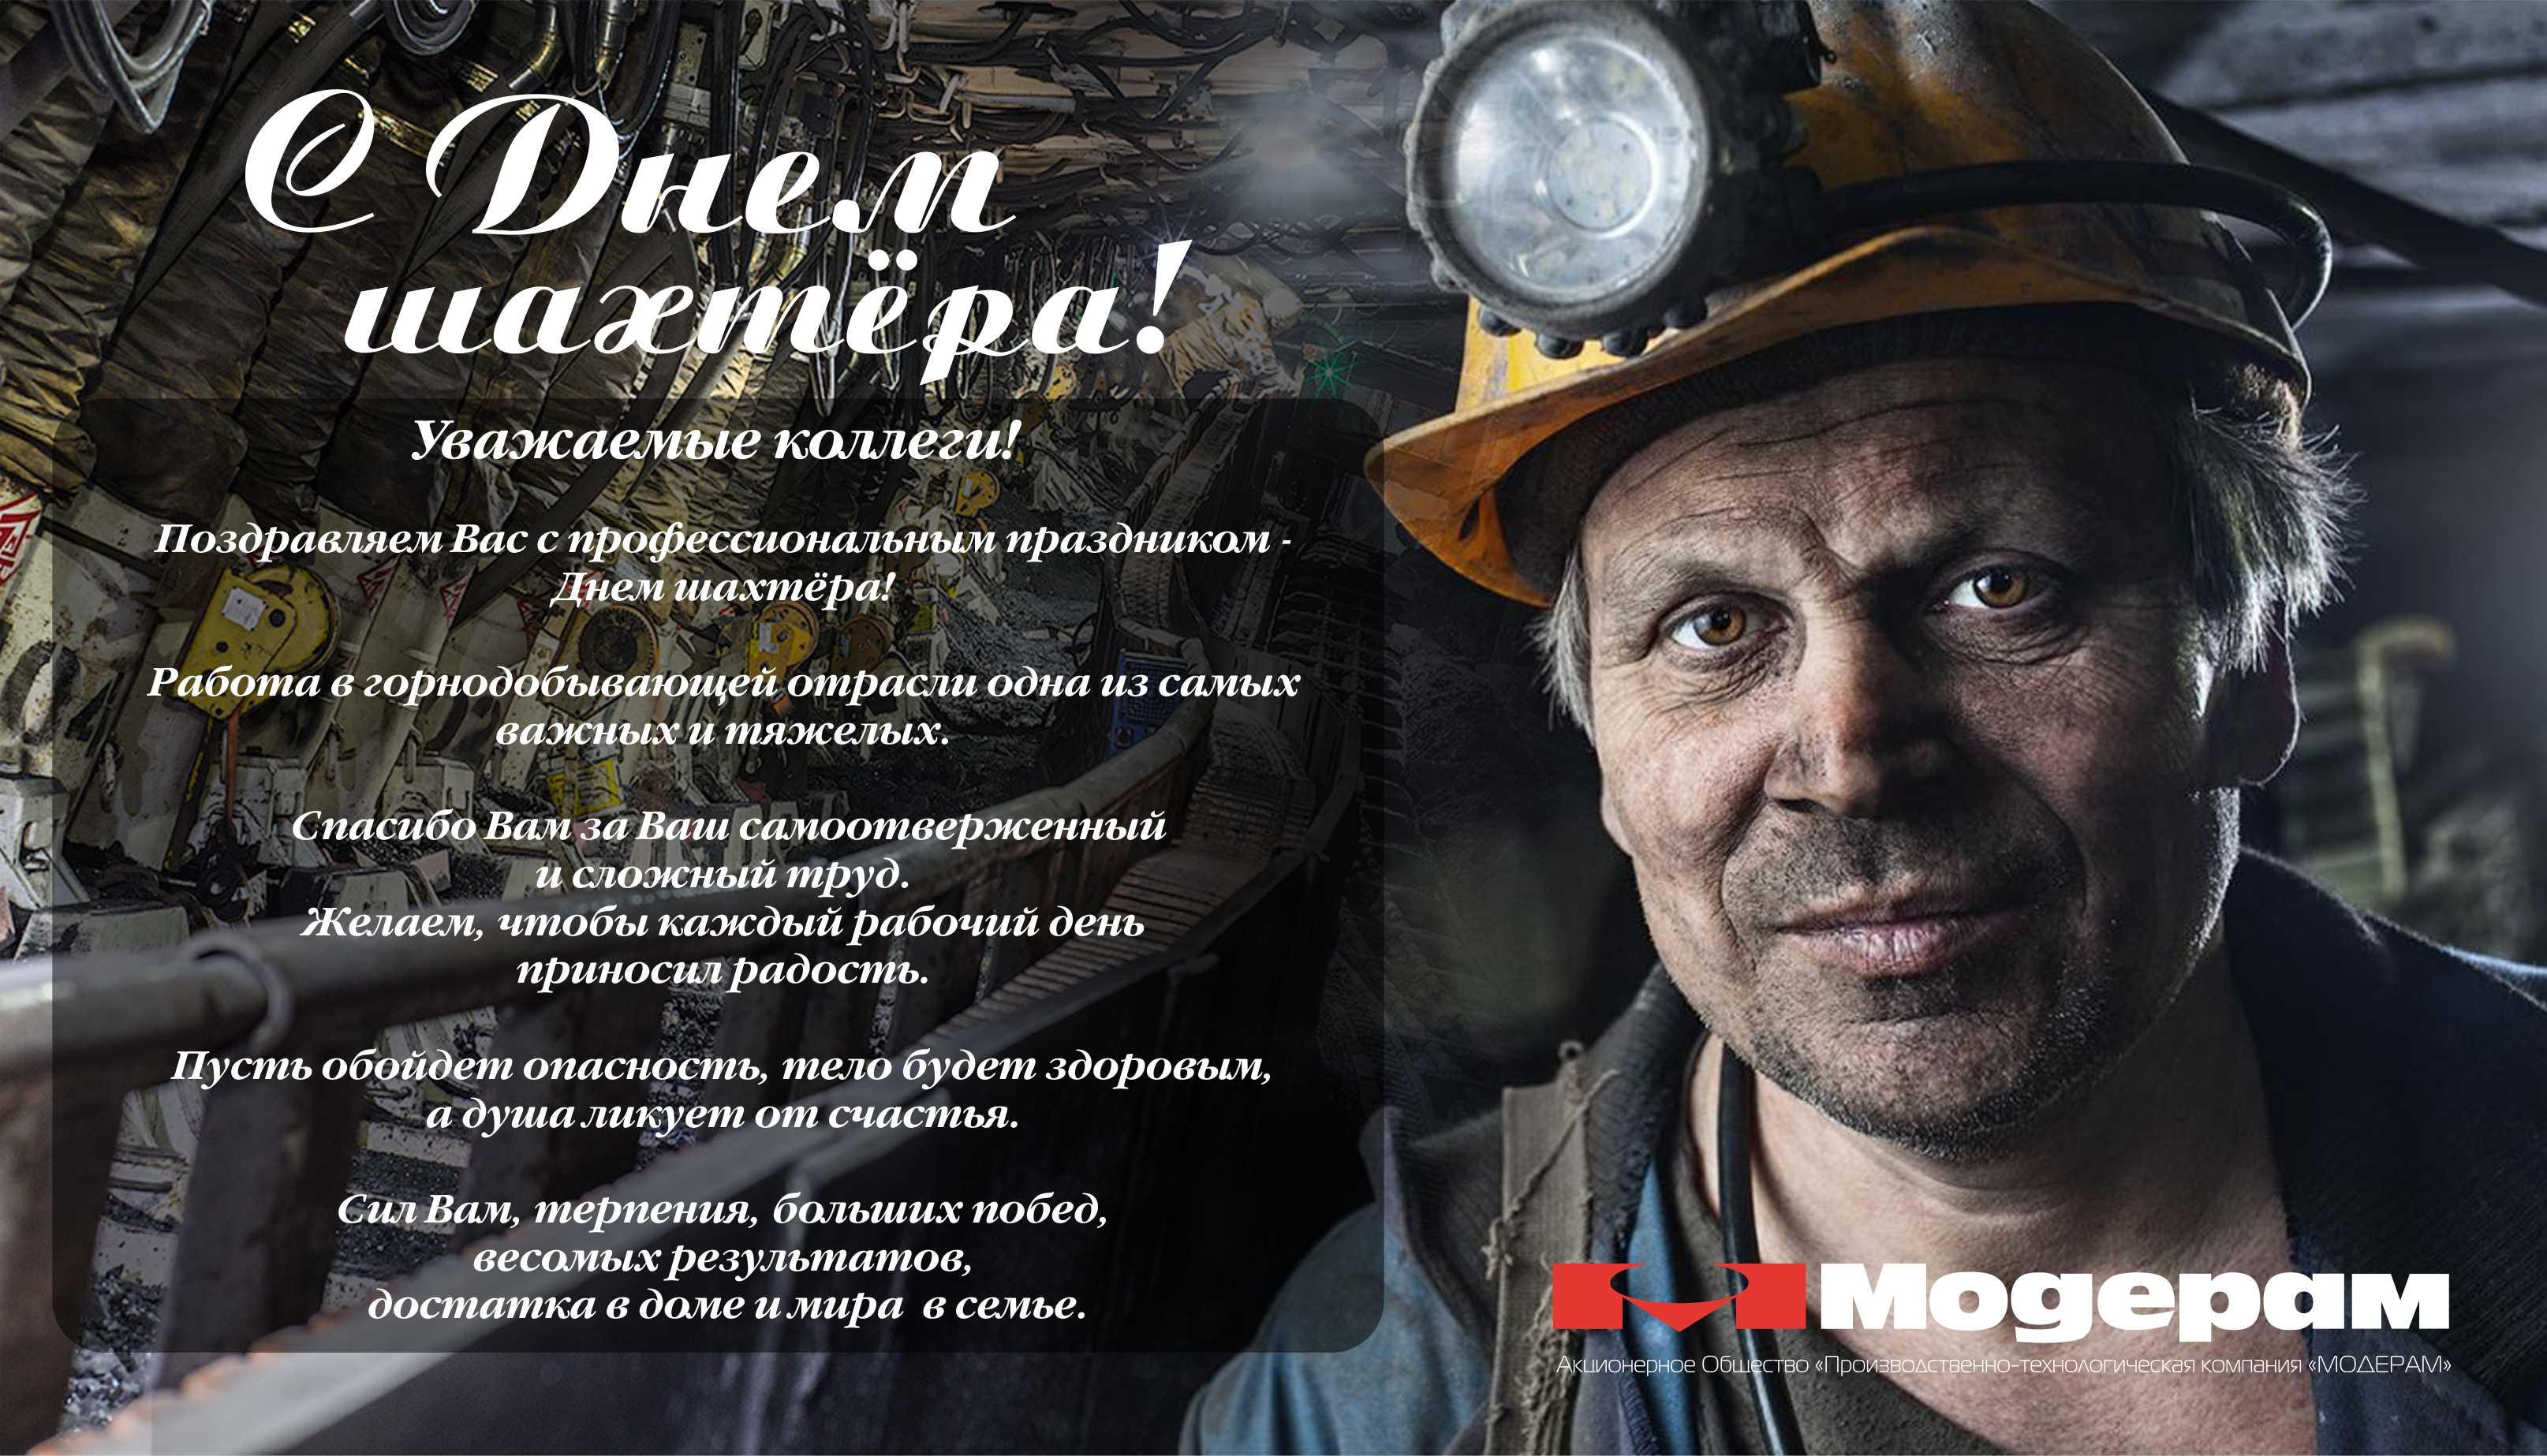 Поздравление коллеге шахтеру